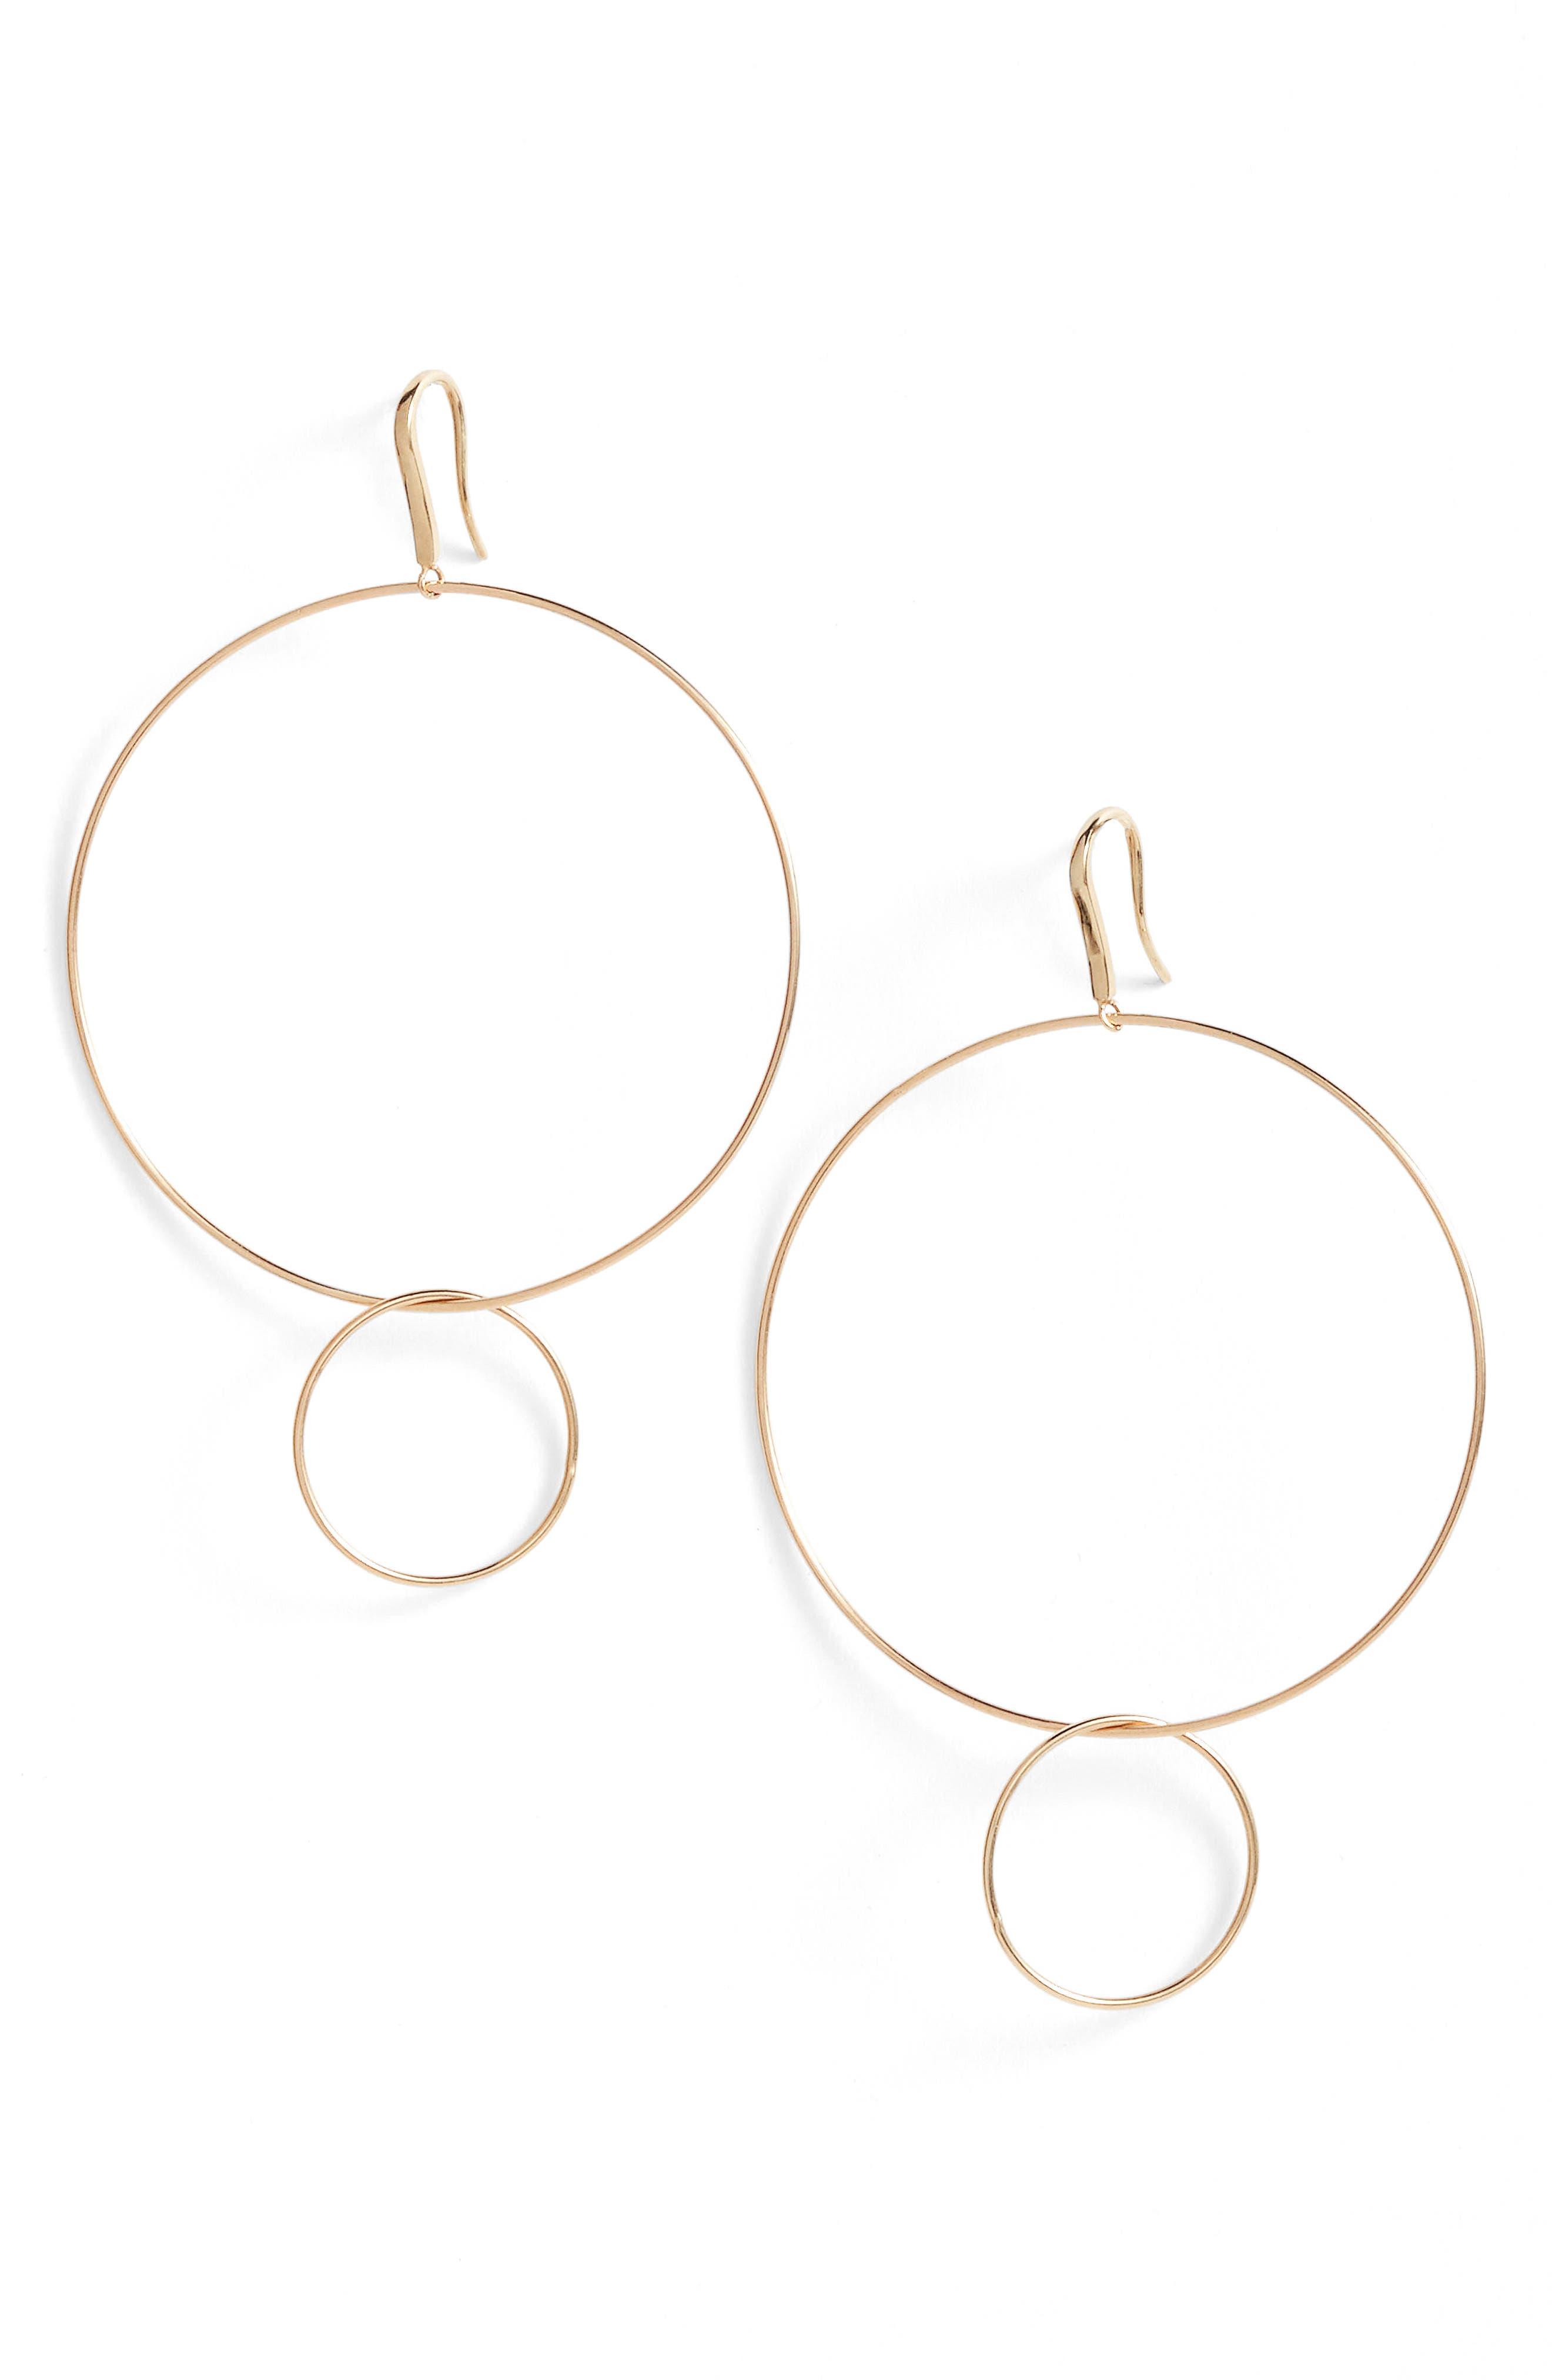 Alternate Image 1 Selected - Lana Jewelry Frontal Hoop Earrings